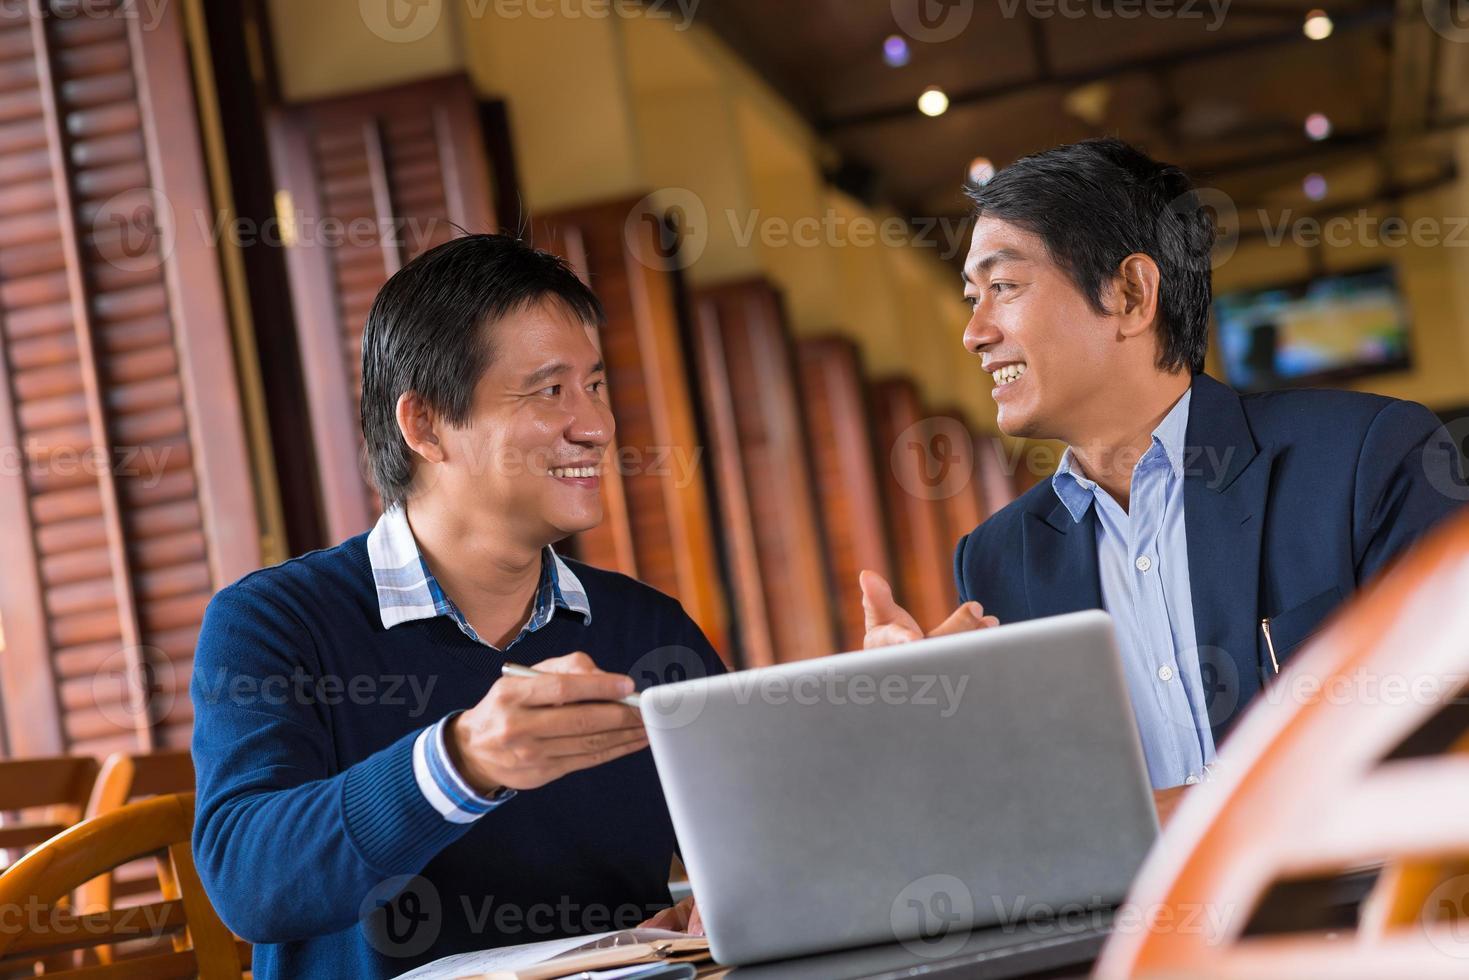 diskutera information på bärbar datorskärm foto